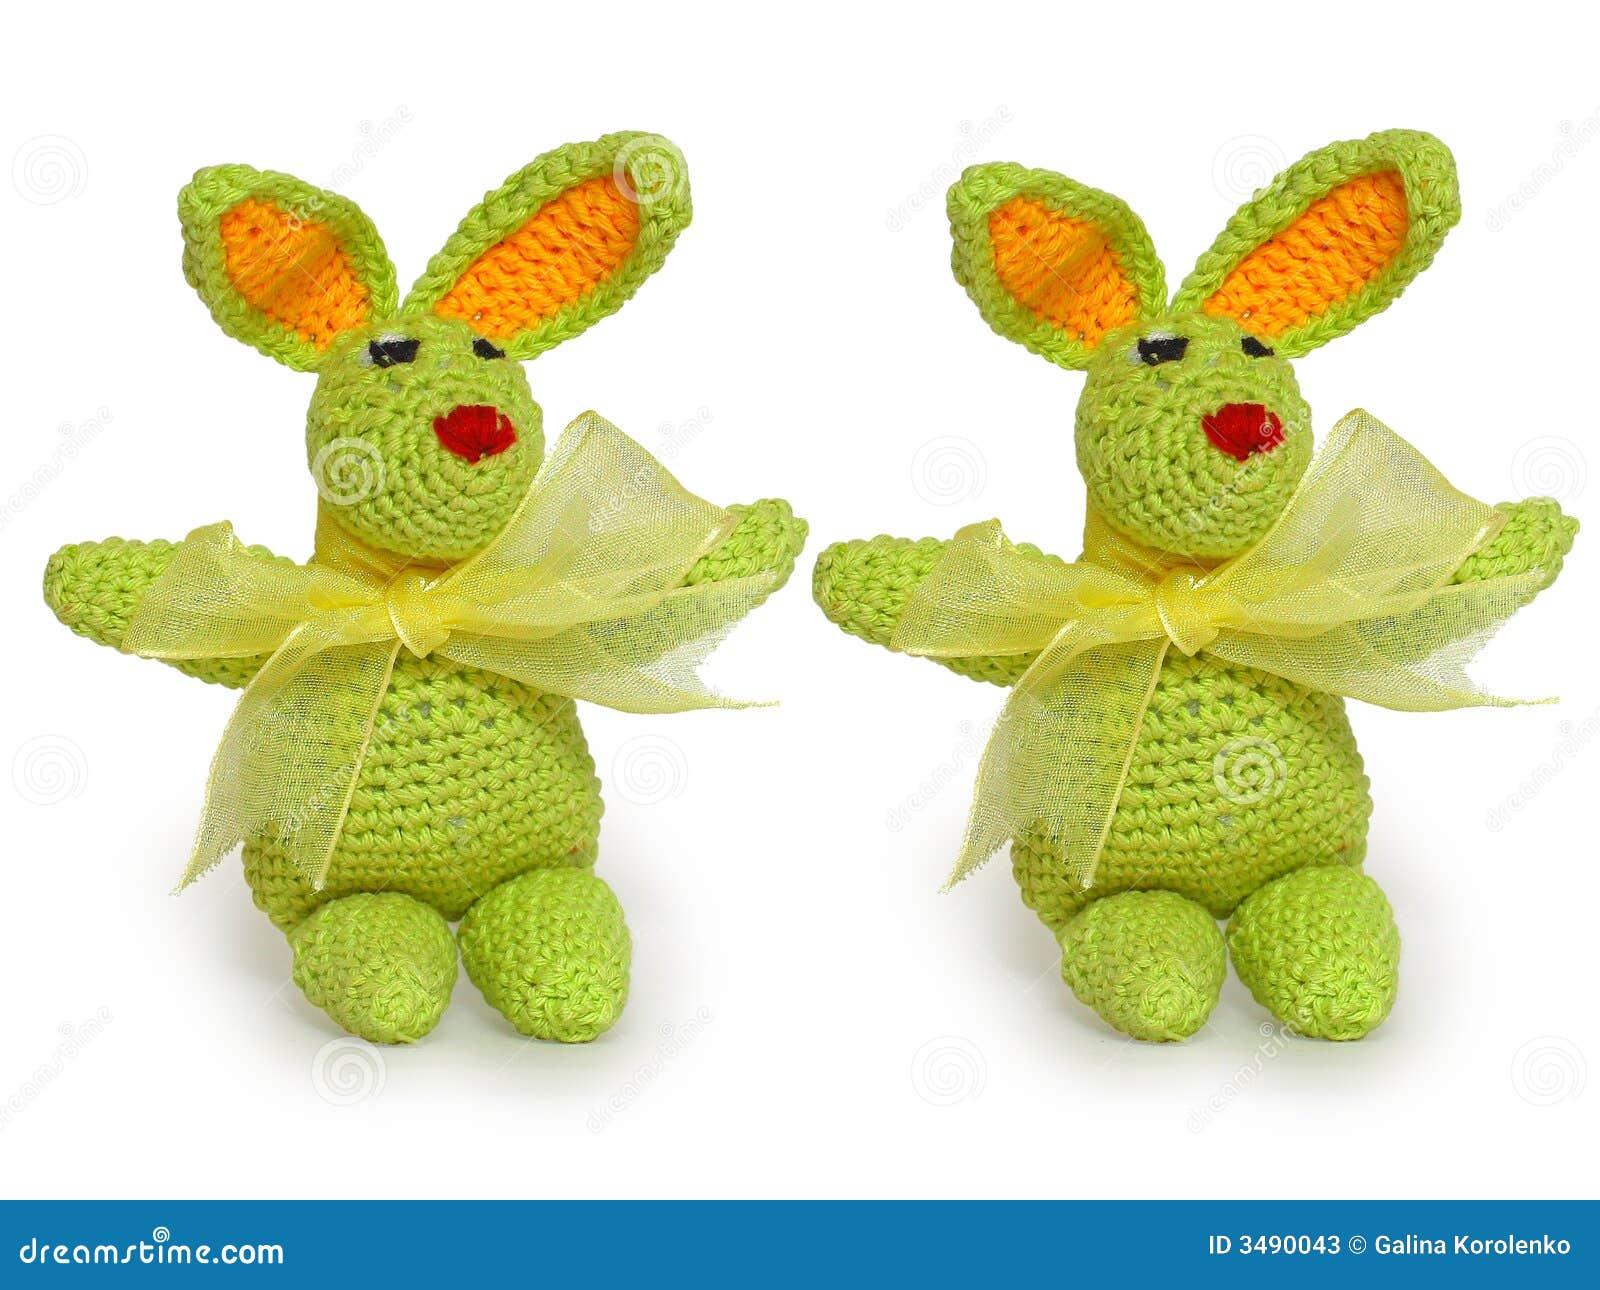 Conejos minúsculos verdes ornamentales